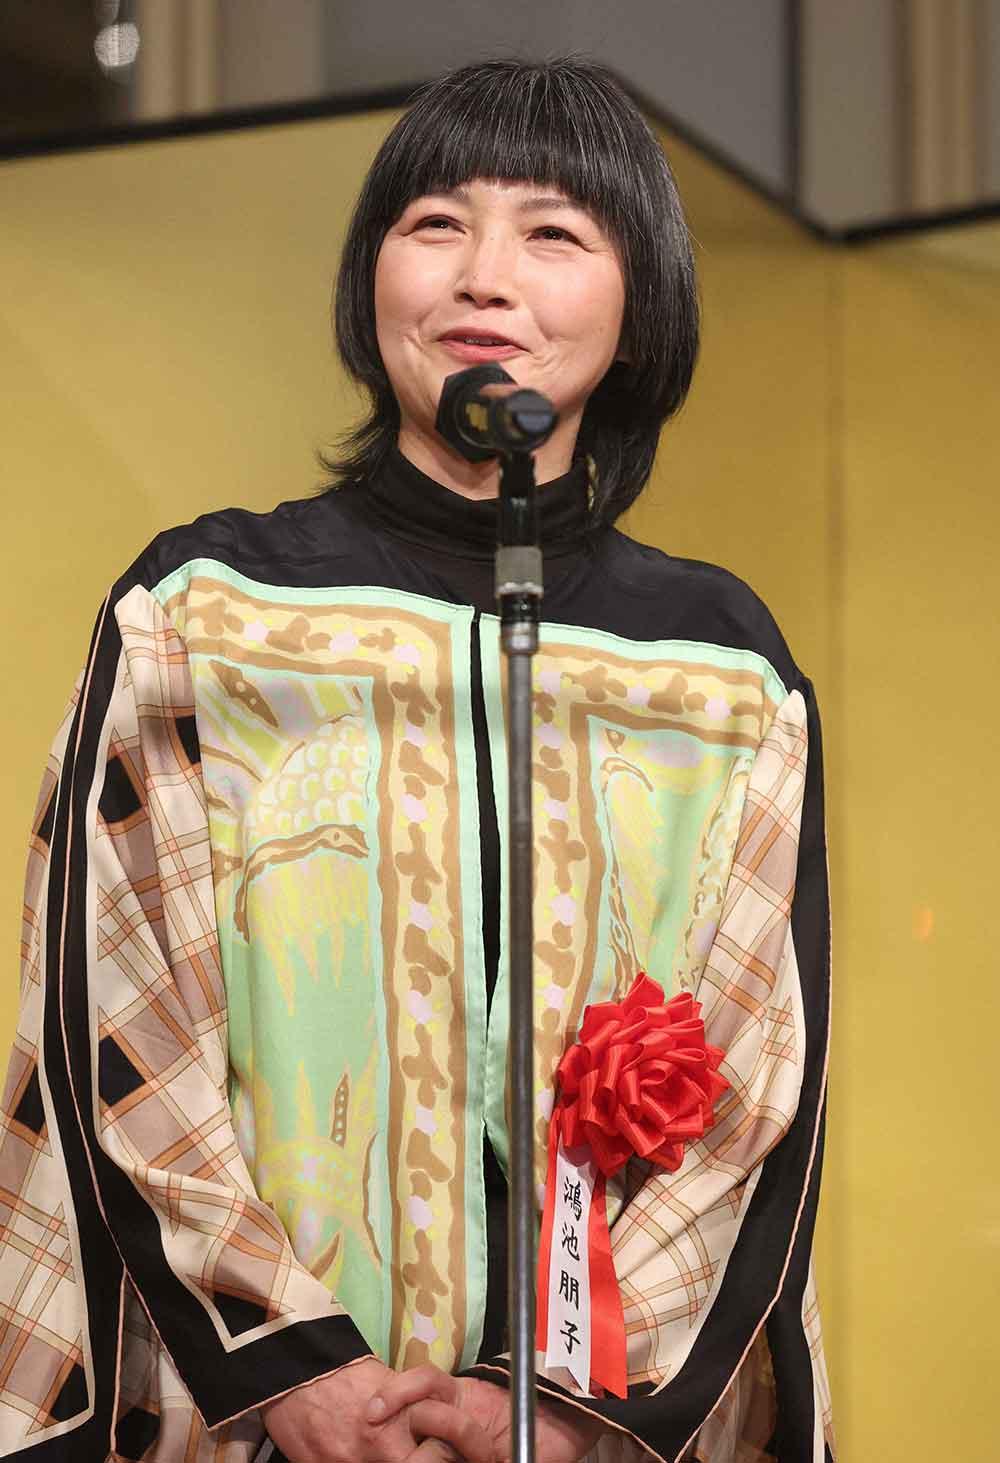 鴻池 朋子さん